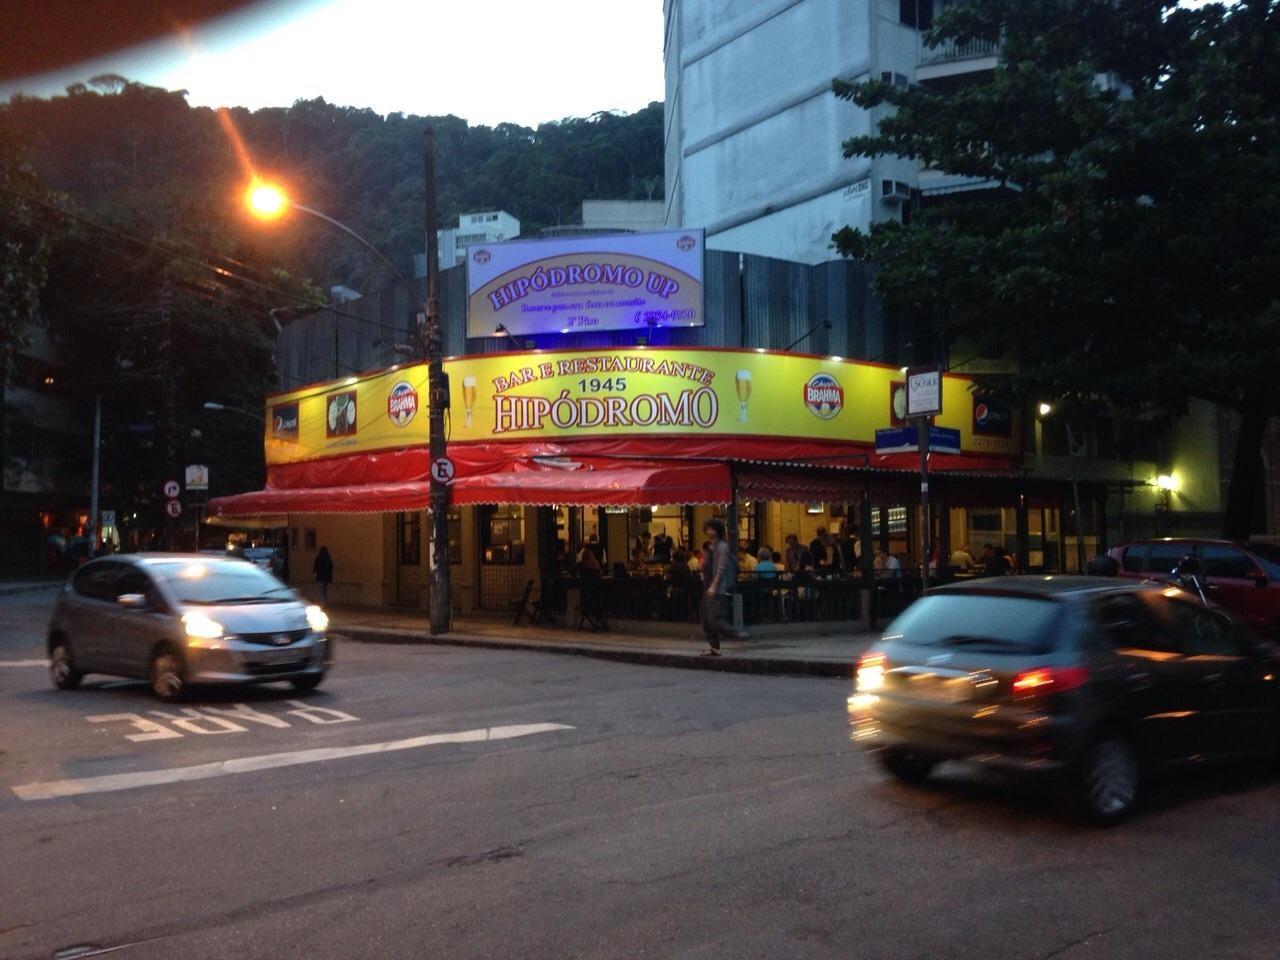 O Hipódromo Bar e Restaurante, veterano da boemia do Baixo Gávea, engolido pela crise provocada pela pandemia: Segundas Sem Lei agitavam a região (Foto: Divulgação)